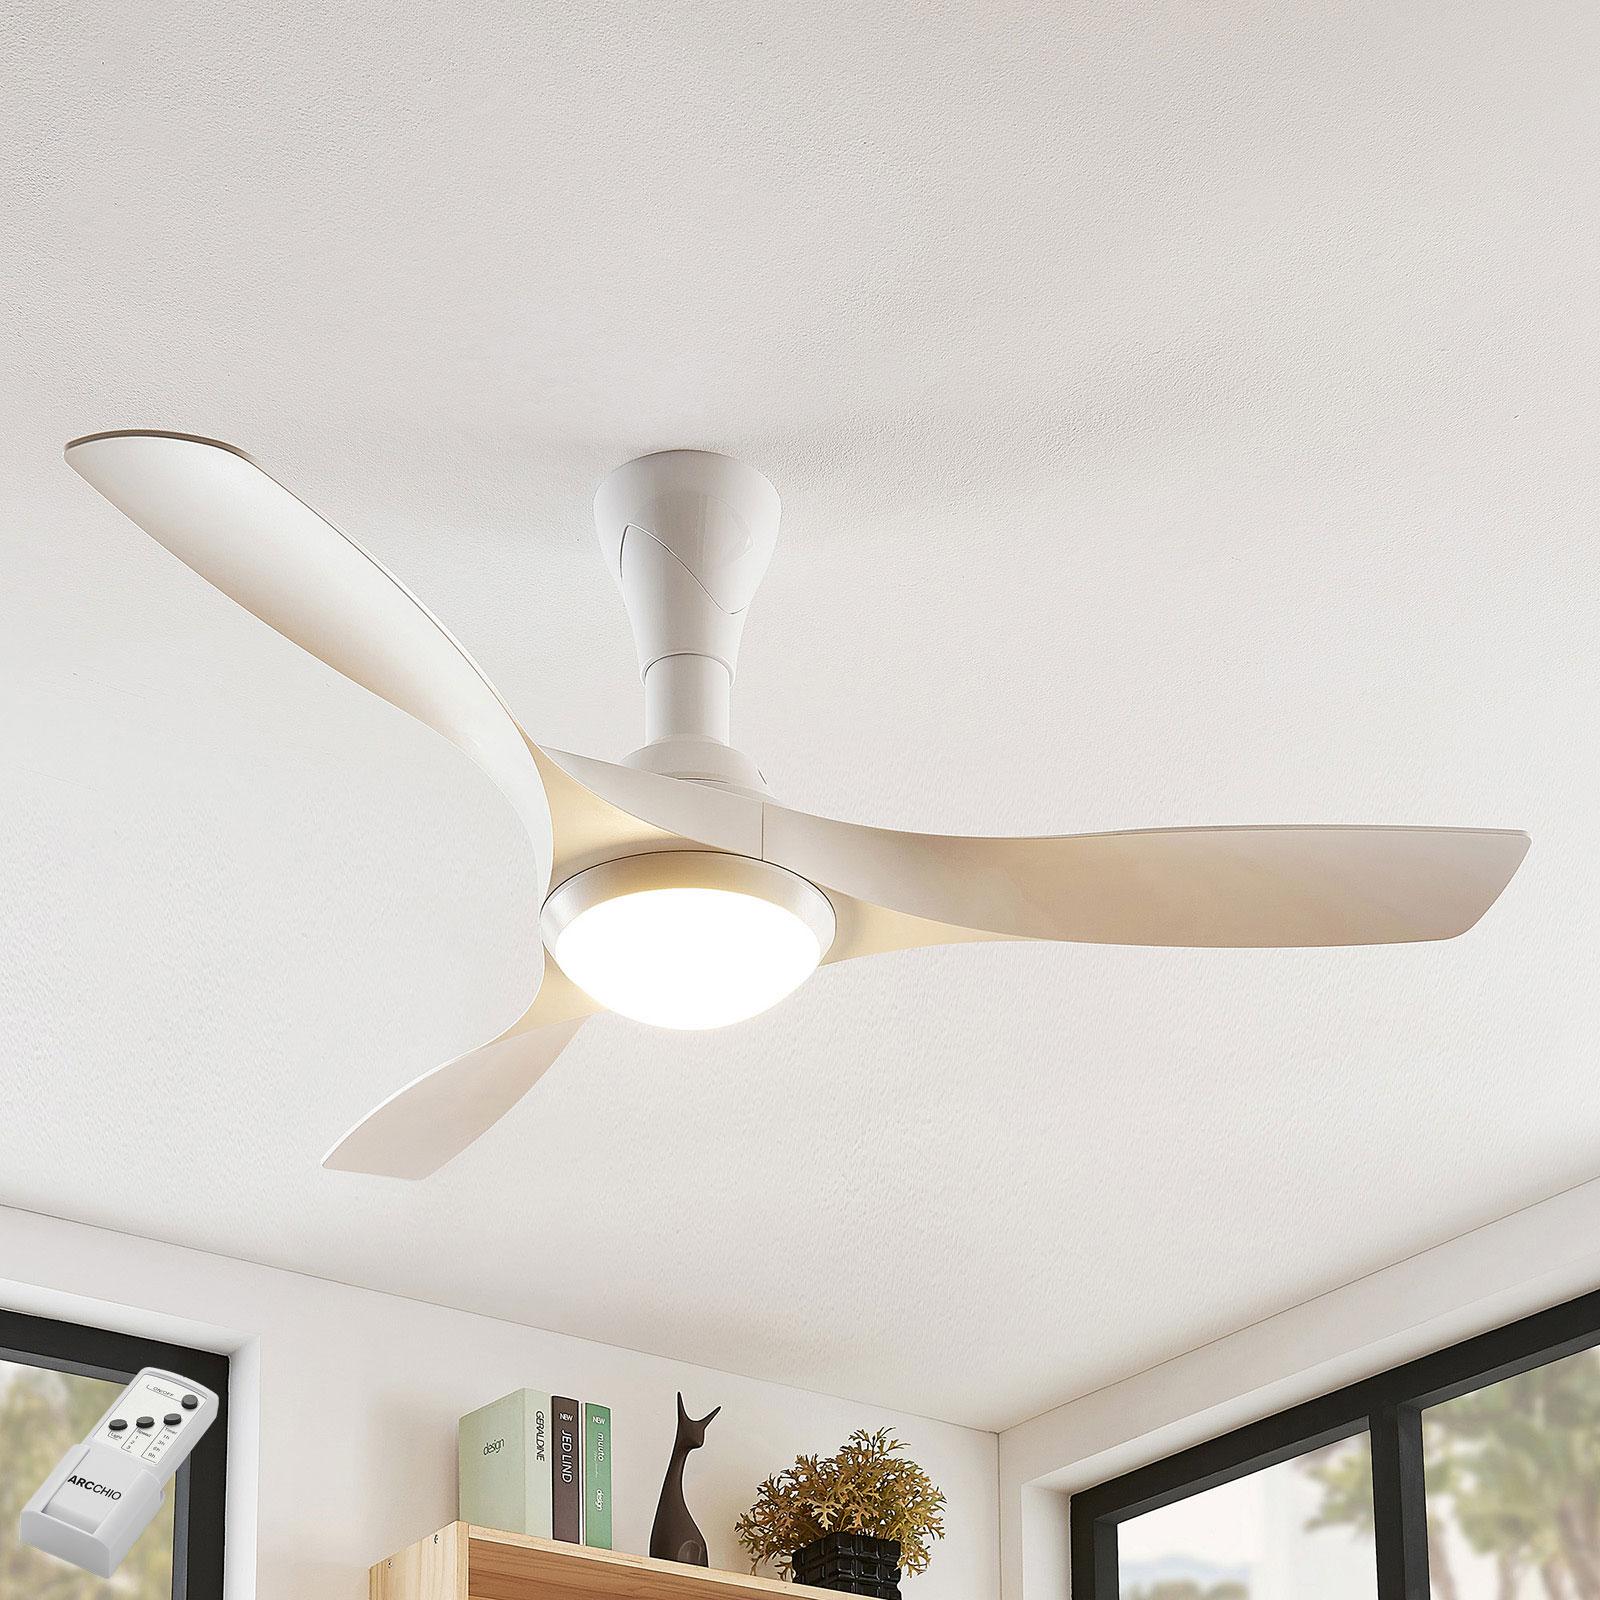 Arcchio Borga ventilateur plafond LED 3 pales blc